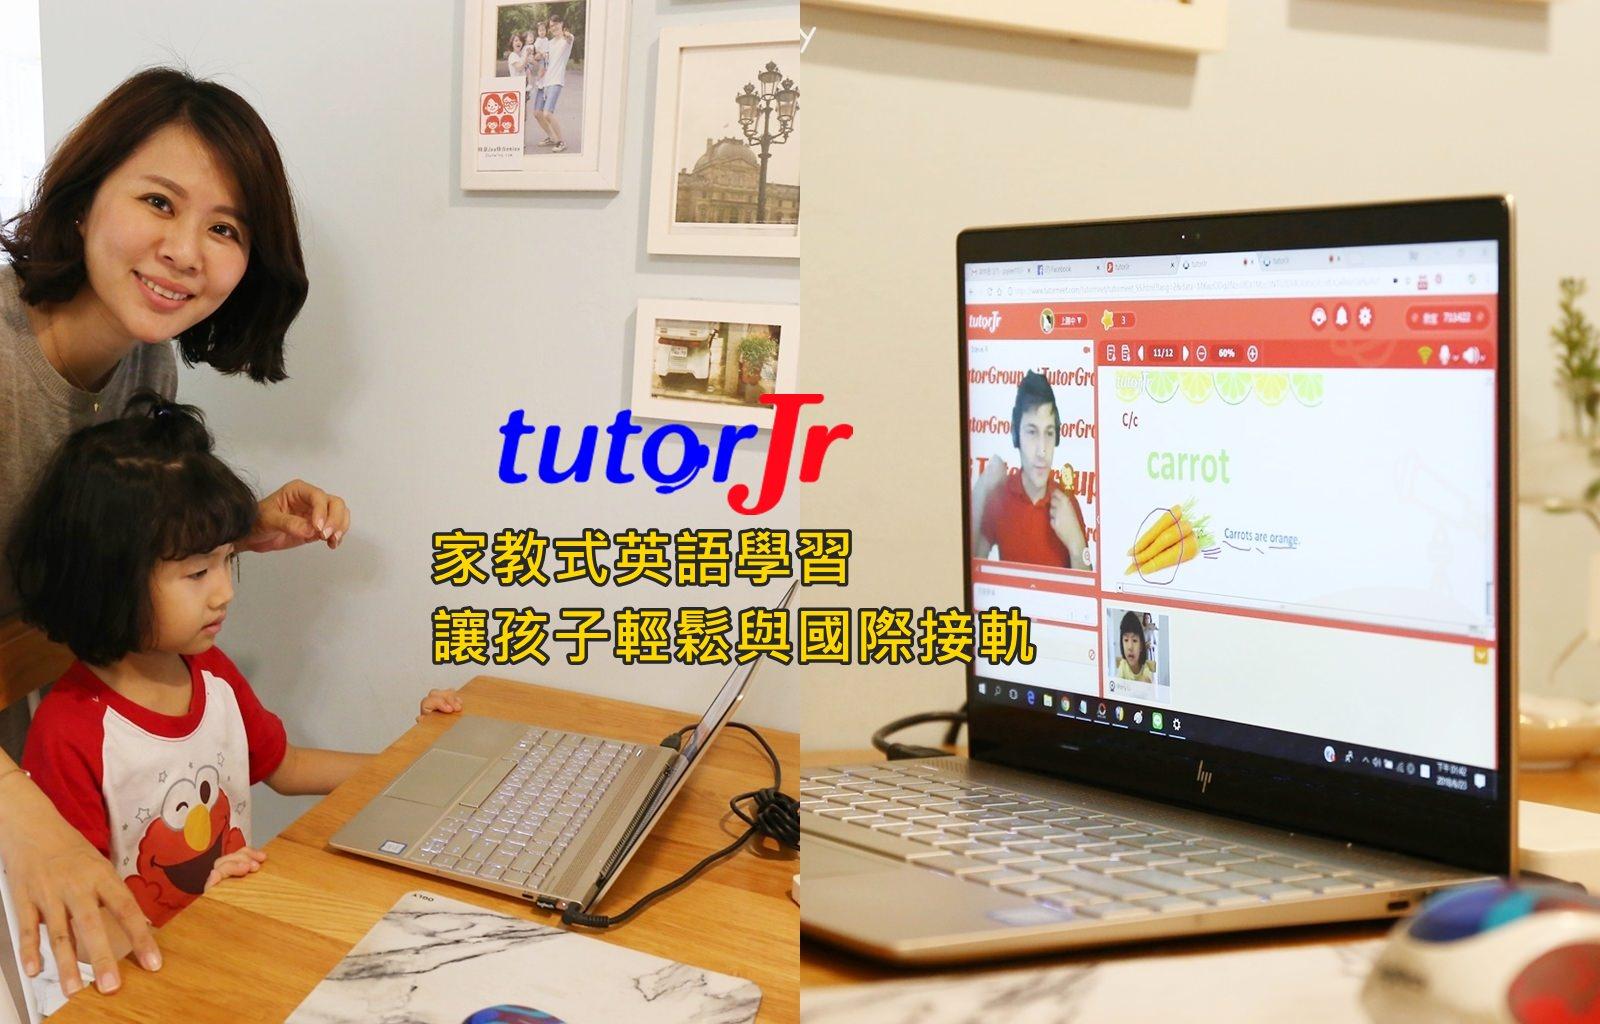 【育兒】 tutorJr 孩童英語神器 讓小孩在家輕鬆學英語 國際學校在家上 外師互動好有趣